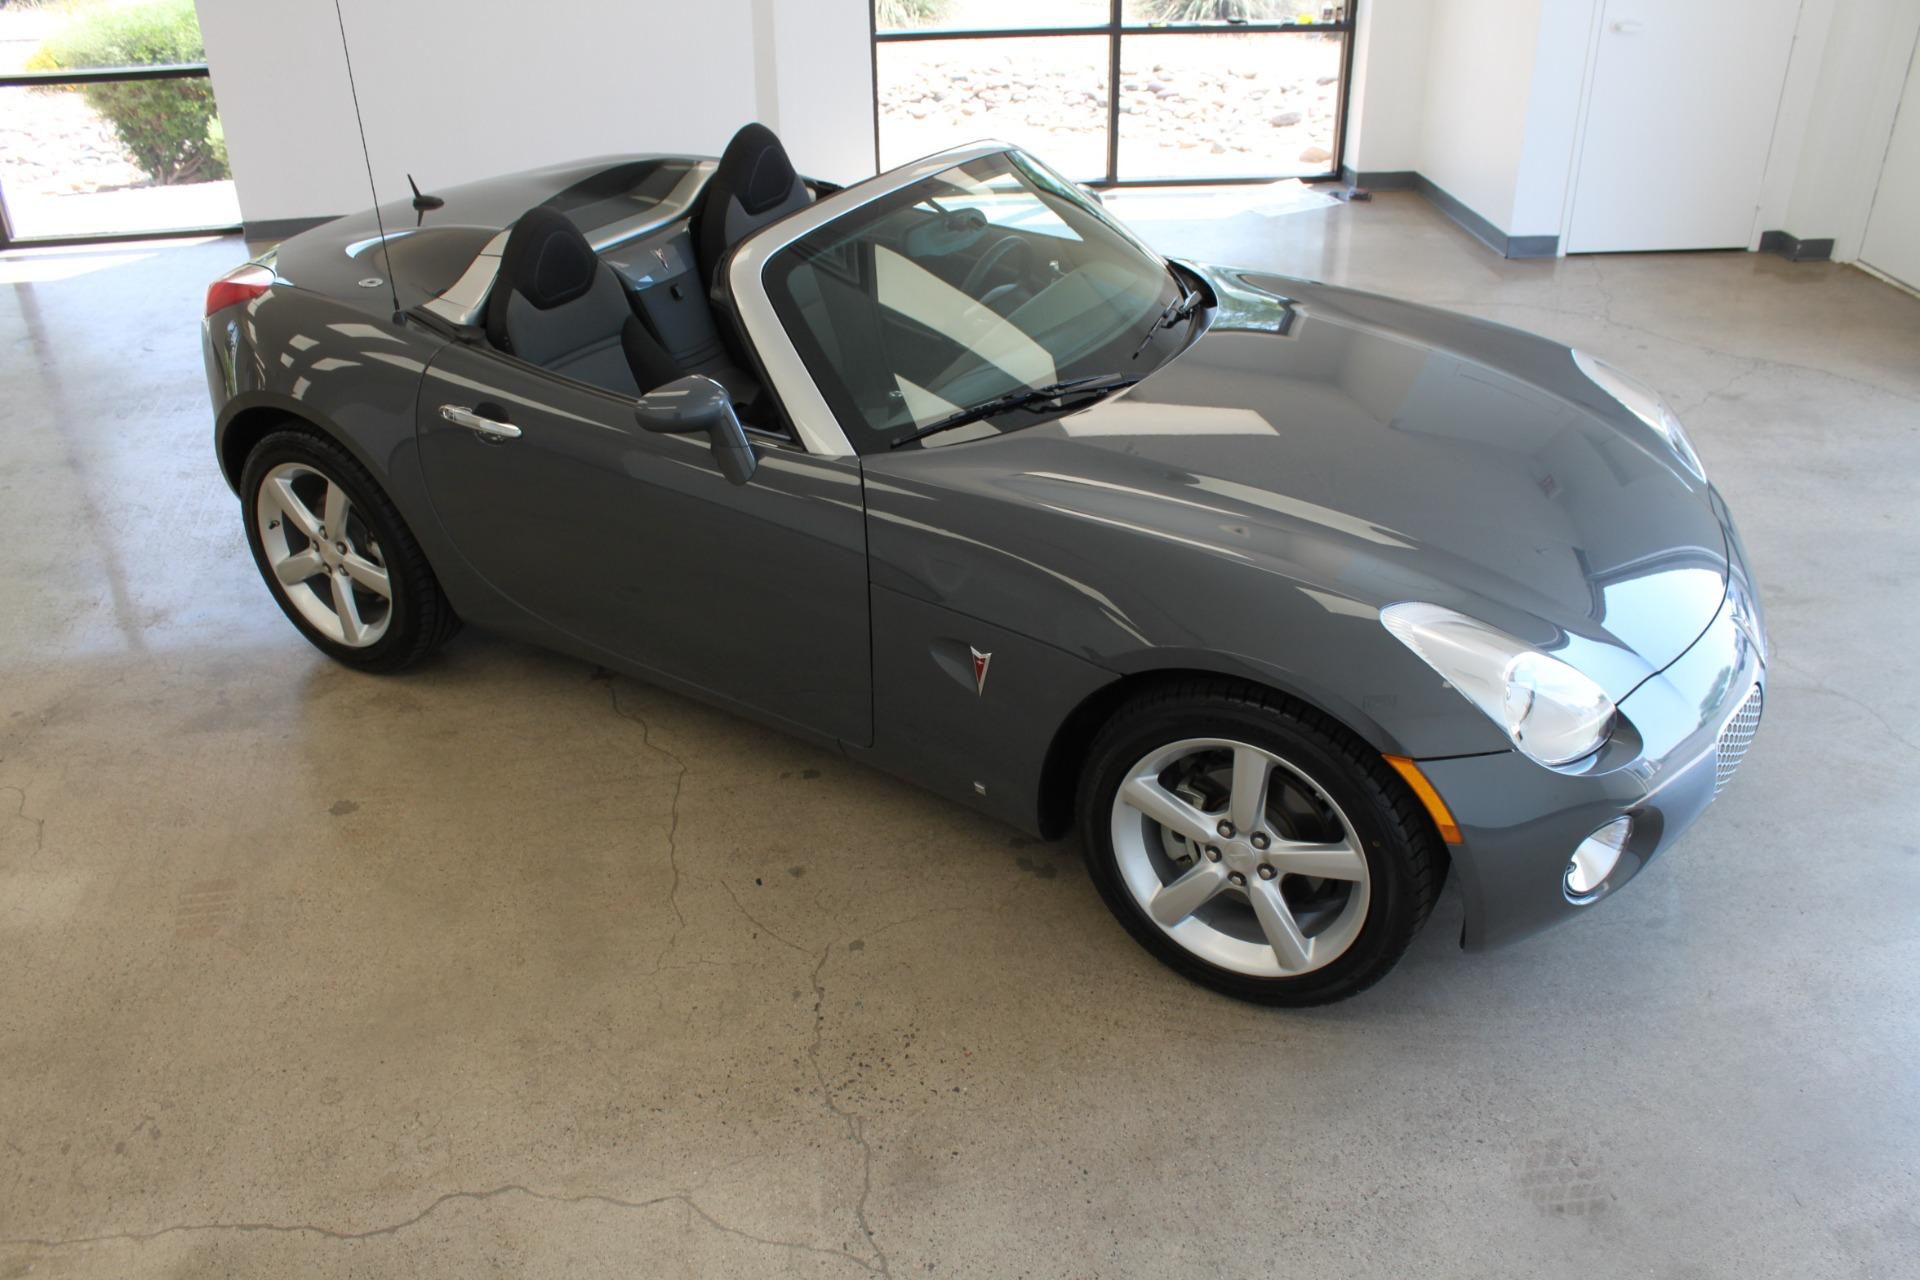 Used-2009-Pontiac-Solstice-Convertible-Ferrari